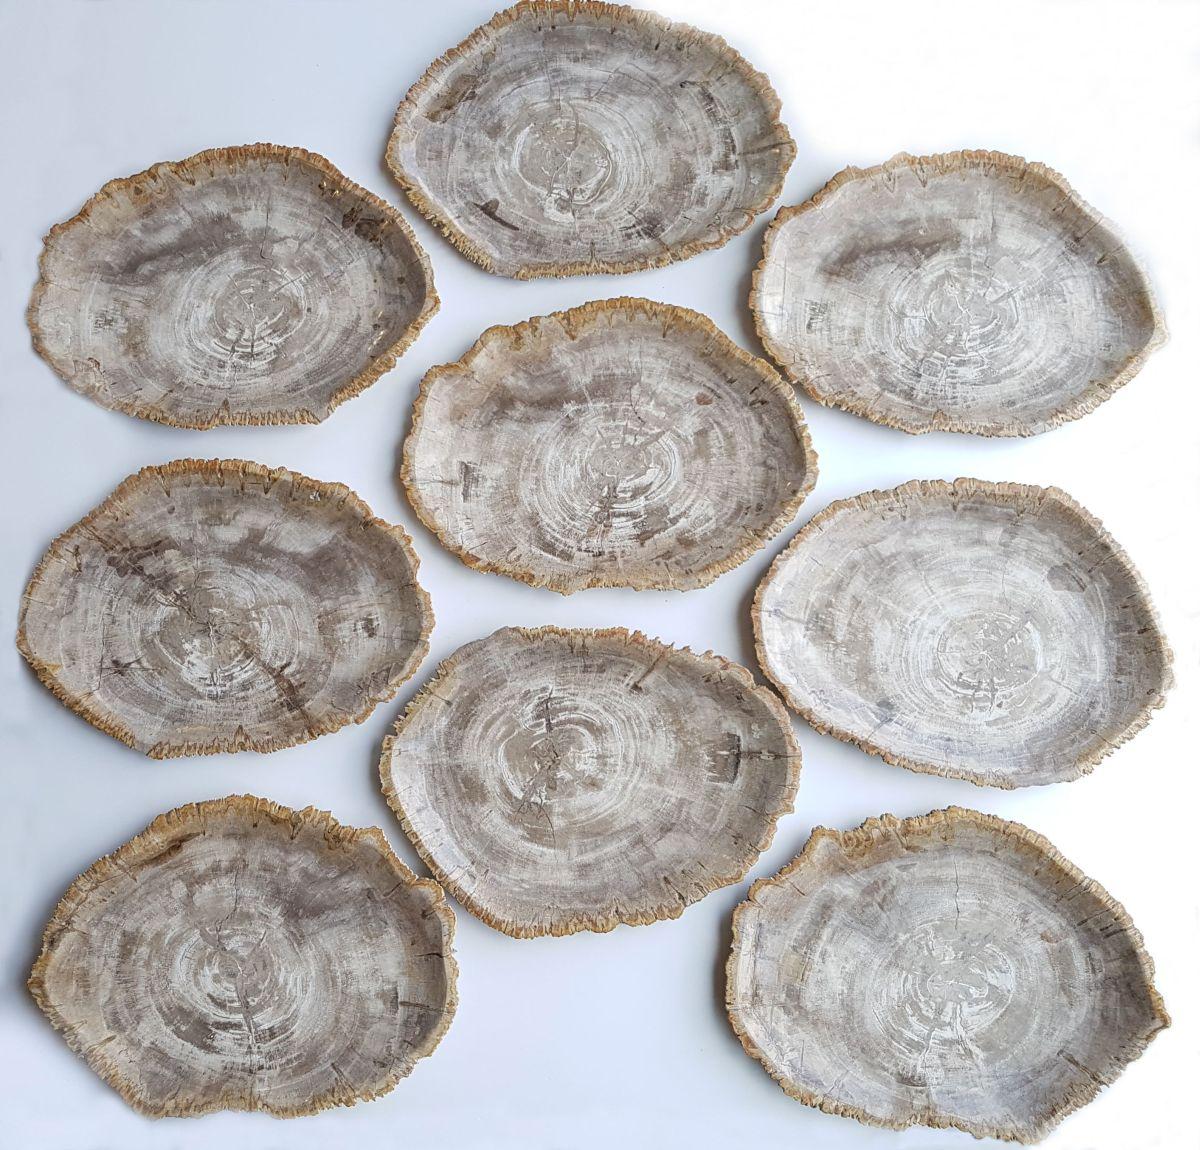 Plate petrified wood 33033i